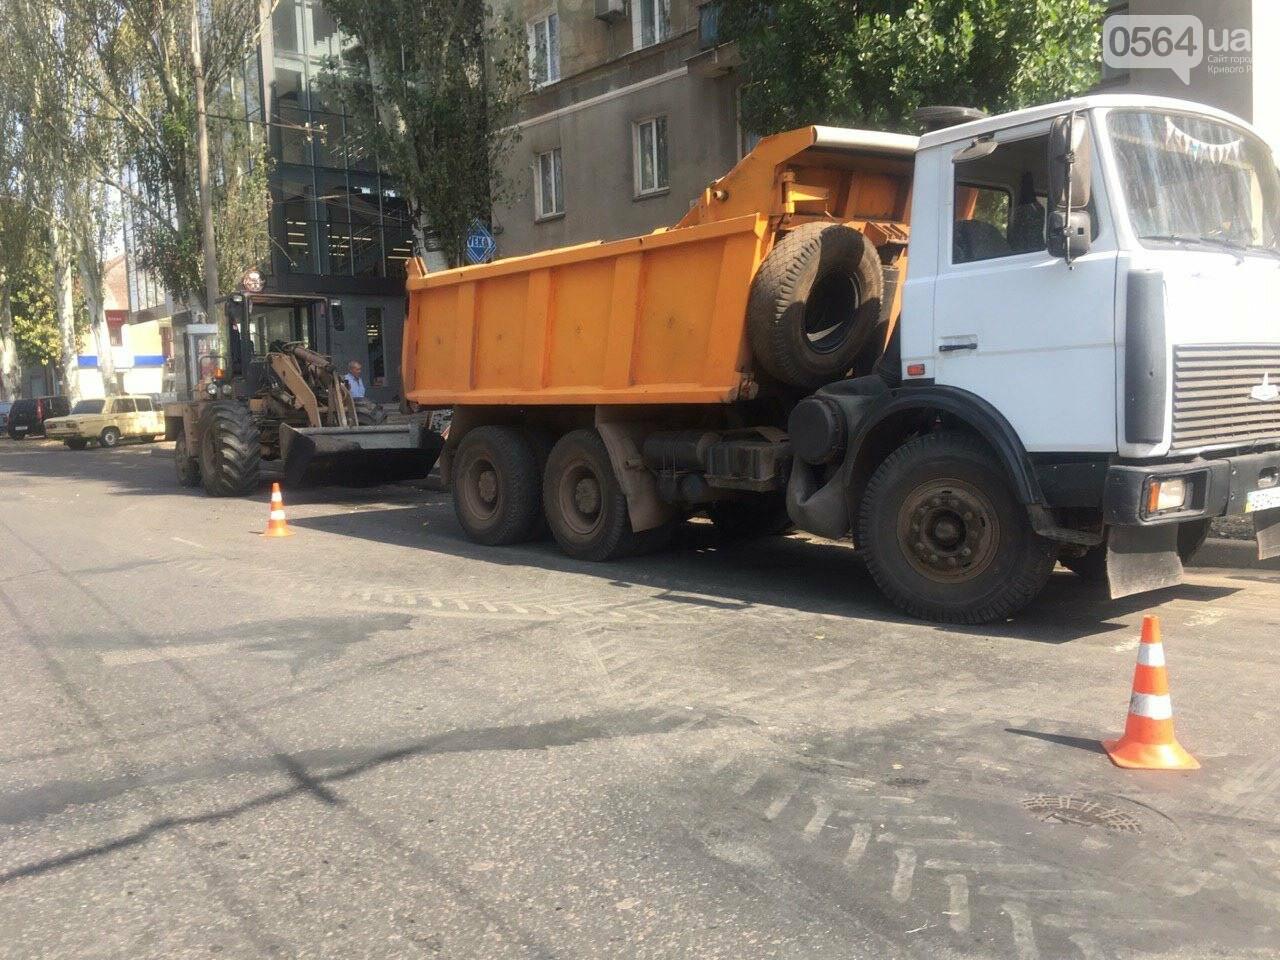 В Кривом Роге ремонтируют пешеходную дорожку к горисполкому, - ФОТО , фото-48